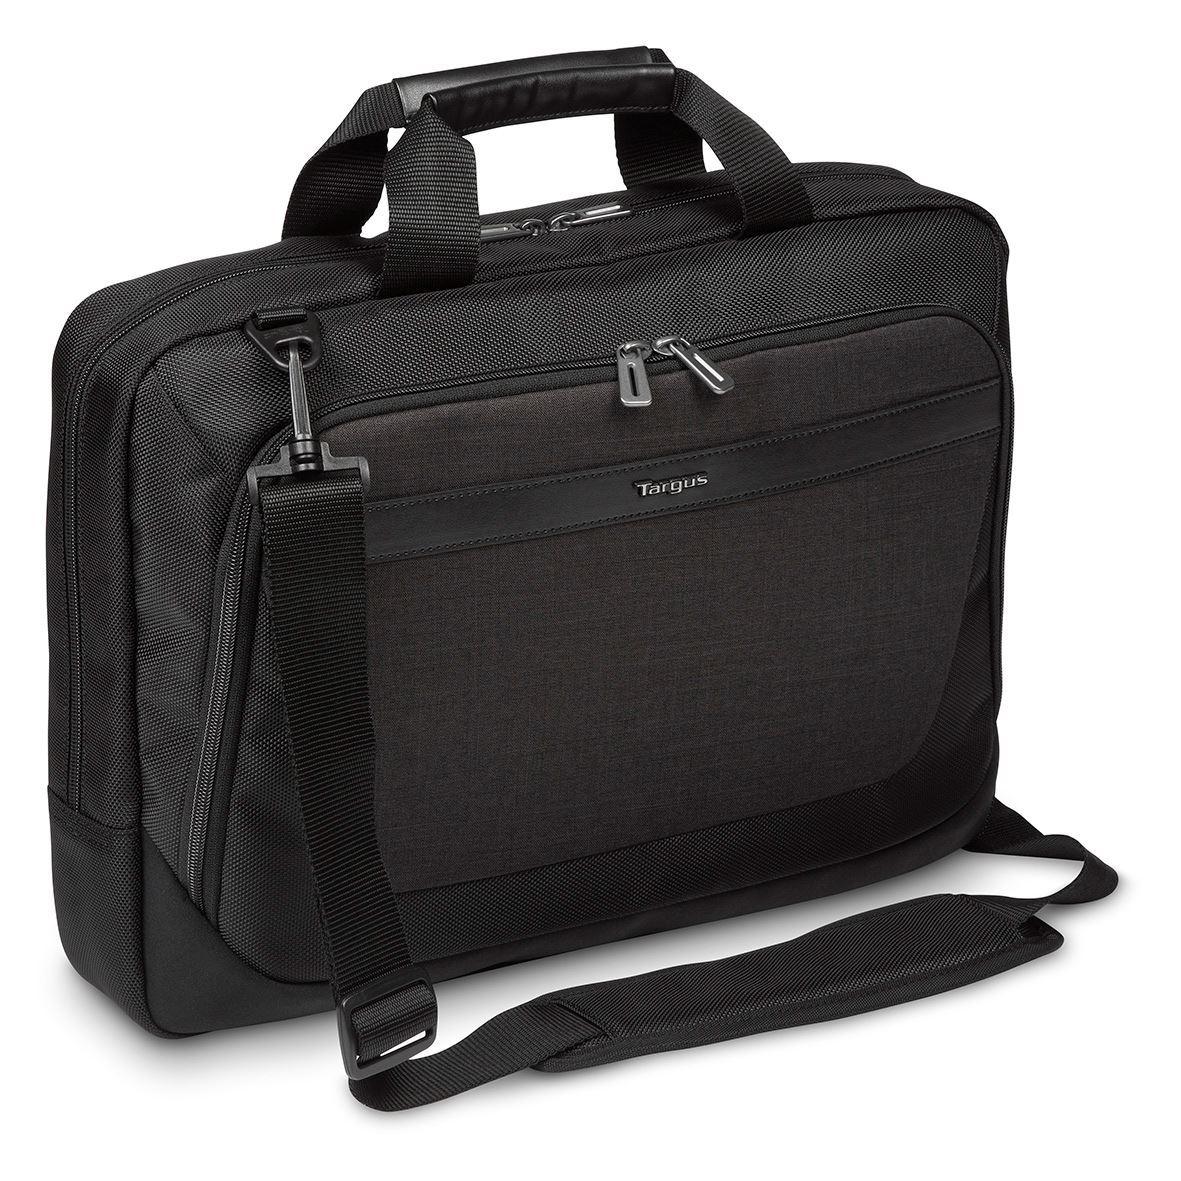 aba510a8adf7 Сумка для ноутбука Targus Black TBT914EU – купить в интернет ...